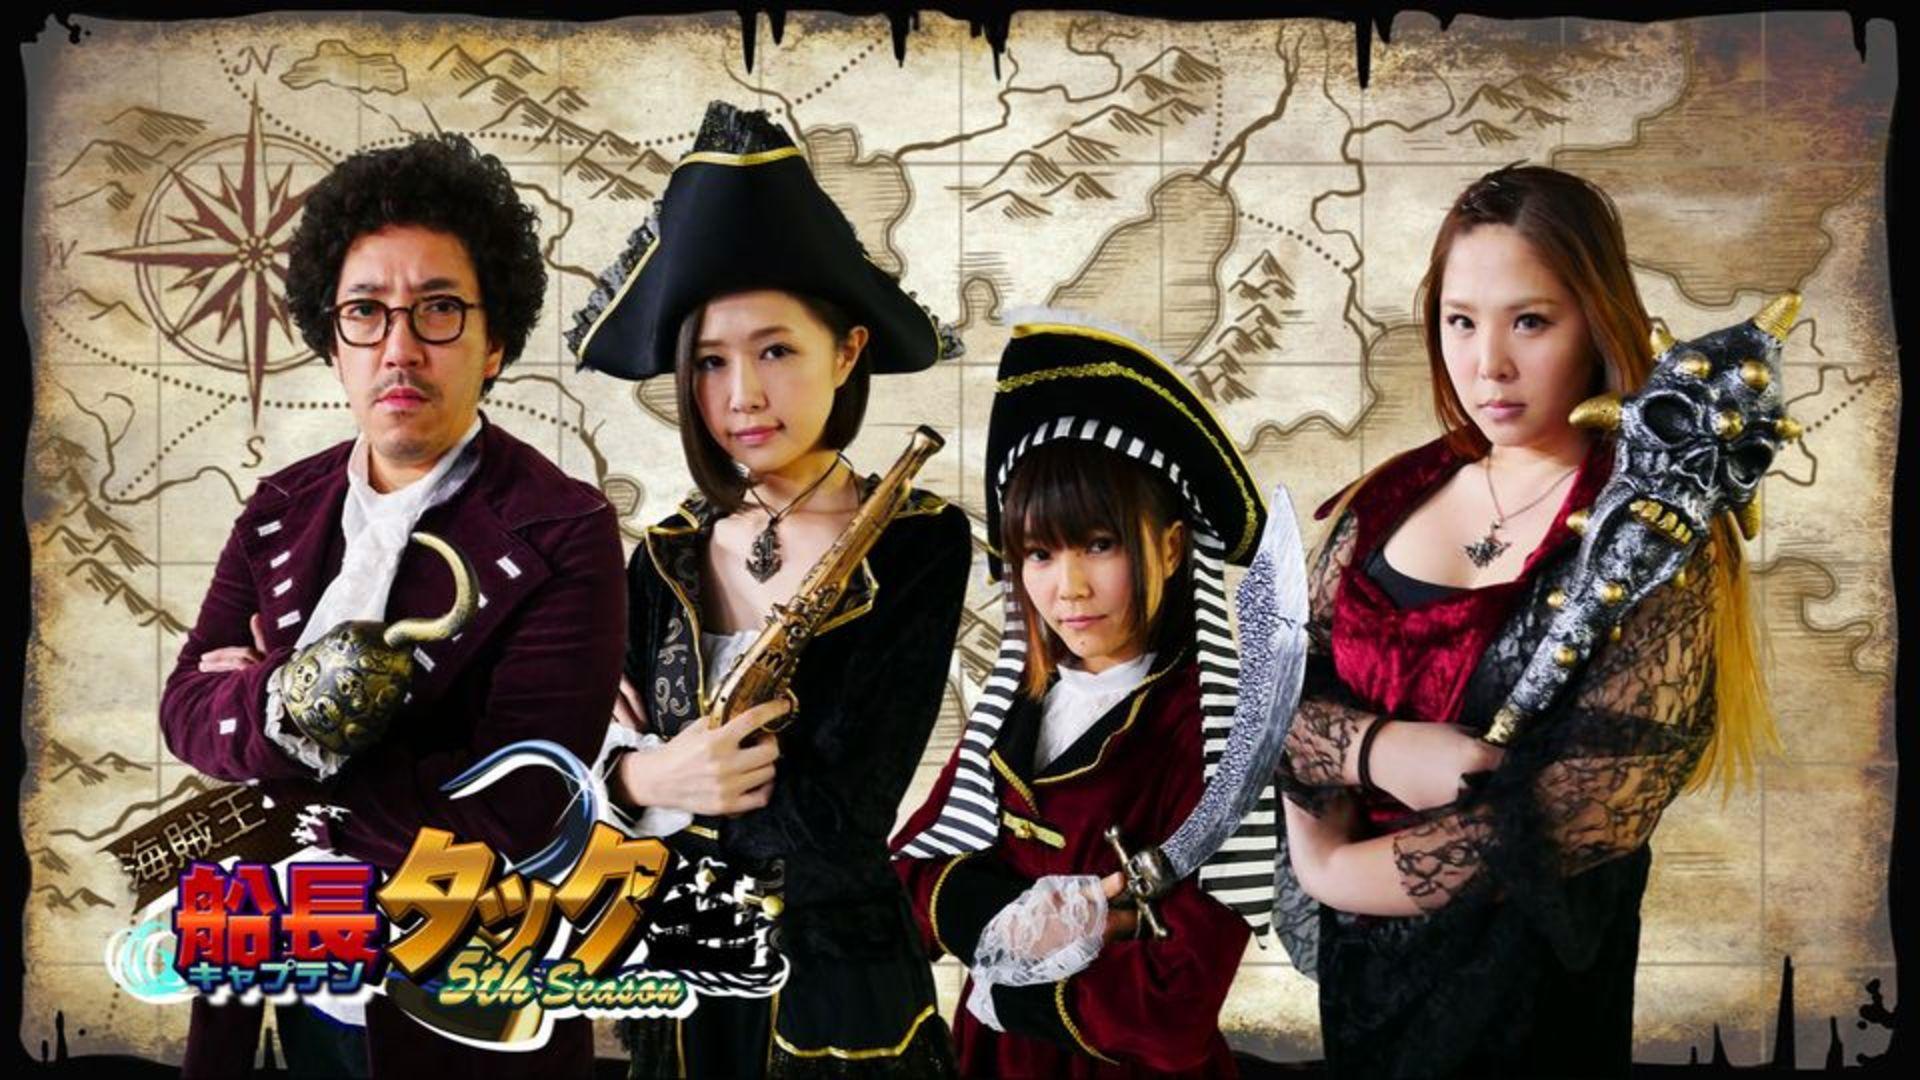 海賊王船長タック season.5 | パチンコ動画・パチスロ動画ならサイトセブンTV PREMIUM